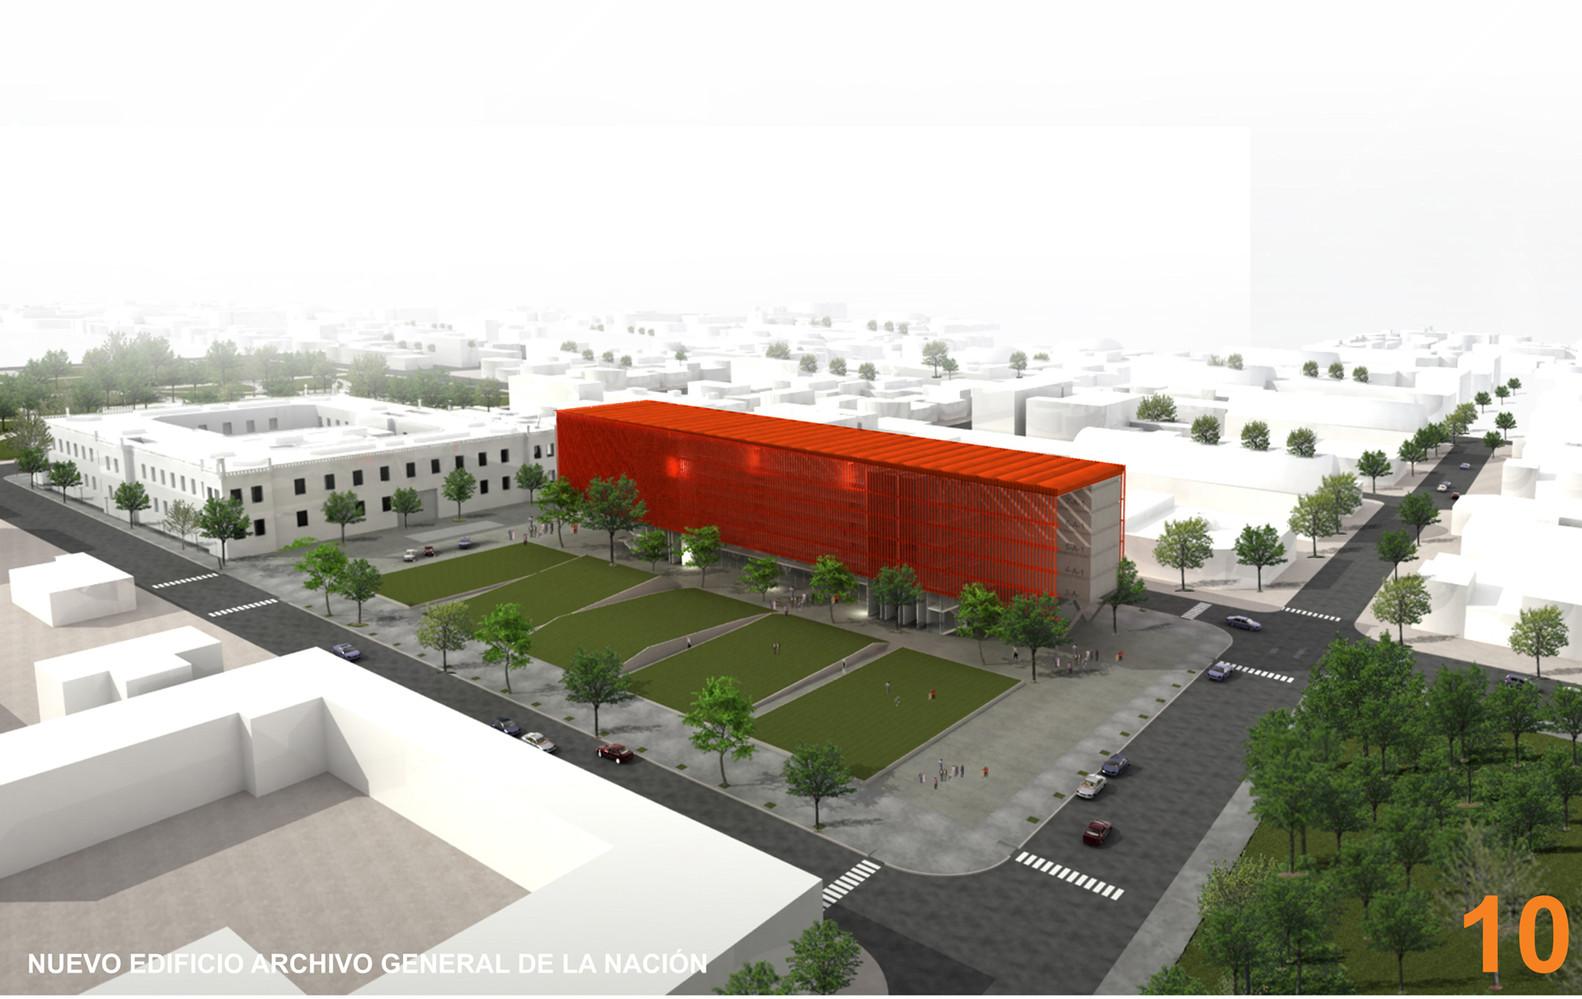 Segundo Premio Concurso para la Construcción del Nuevo Edificio Archivo General de la Nación / Marchisio+Nanzer Estudio de Arquitectura